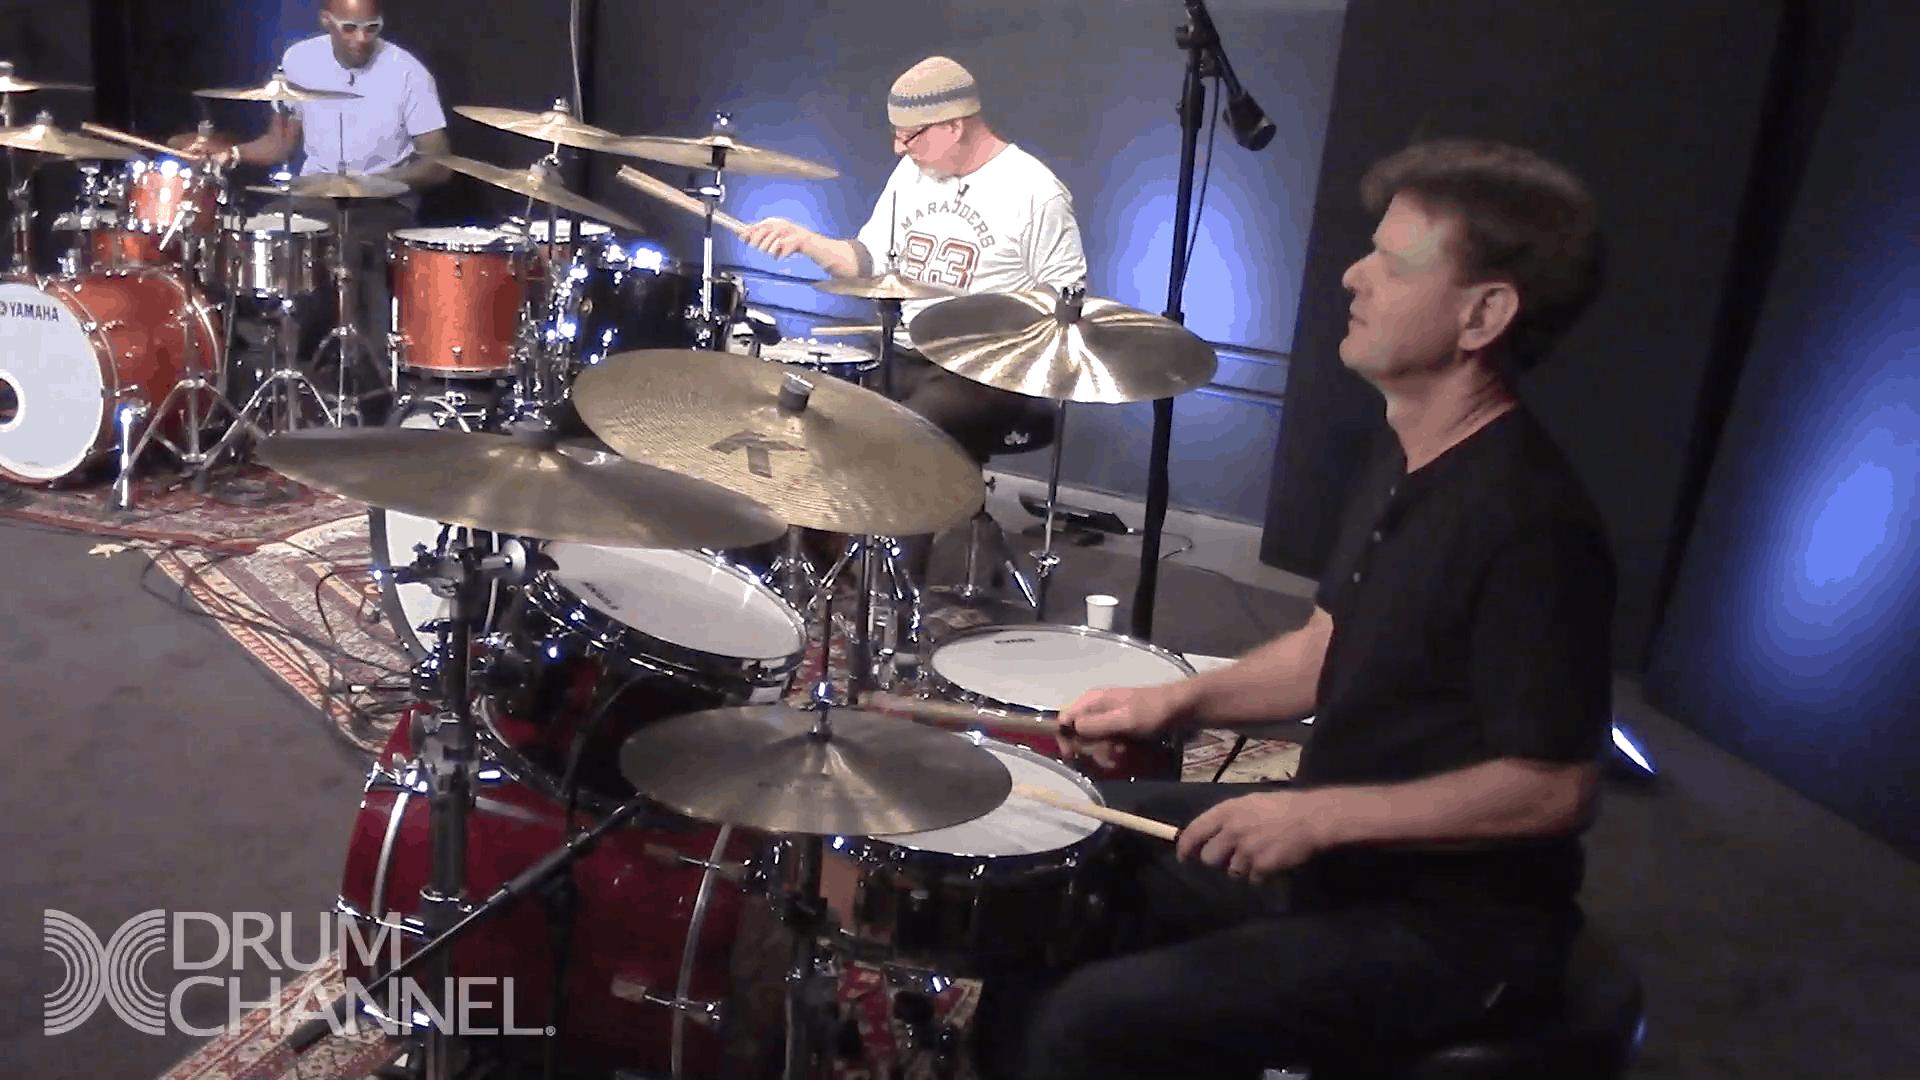 Funk Drum Jam - Drum Channel